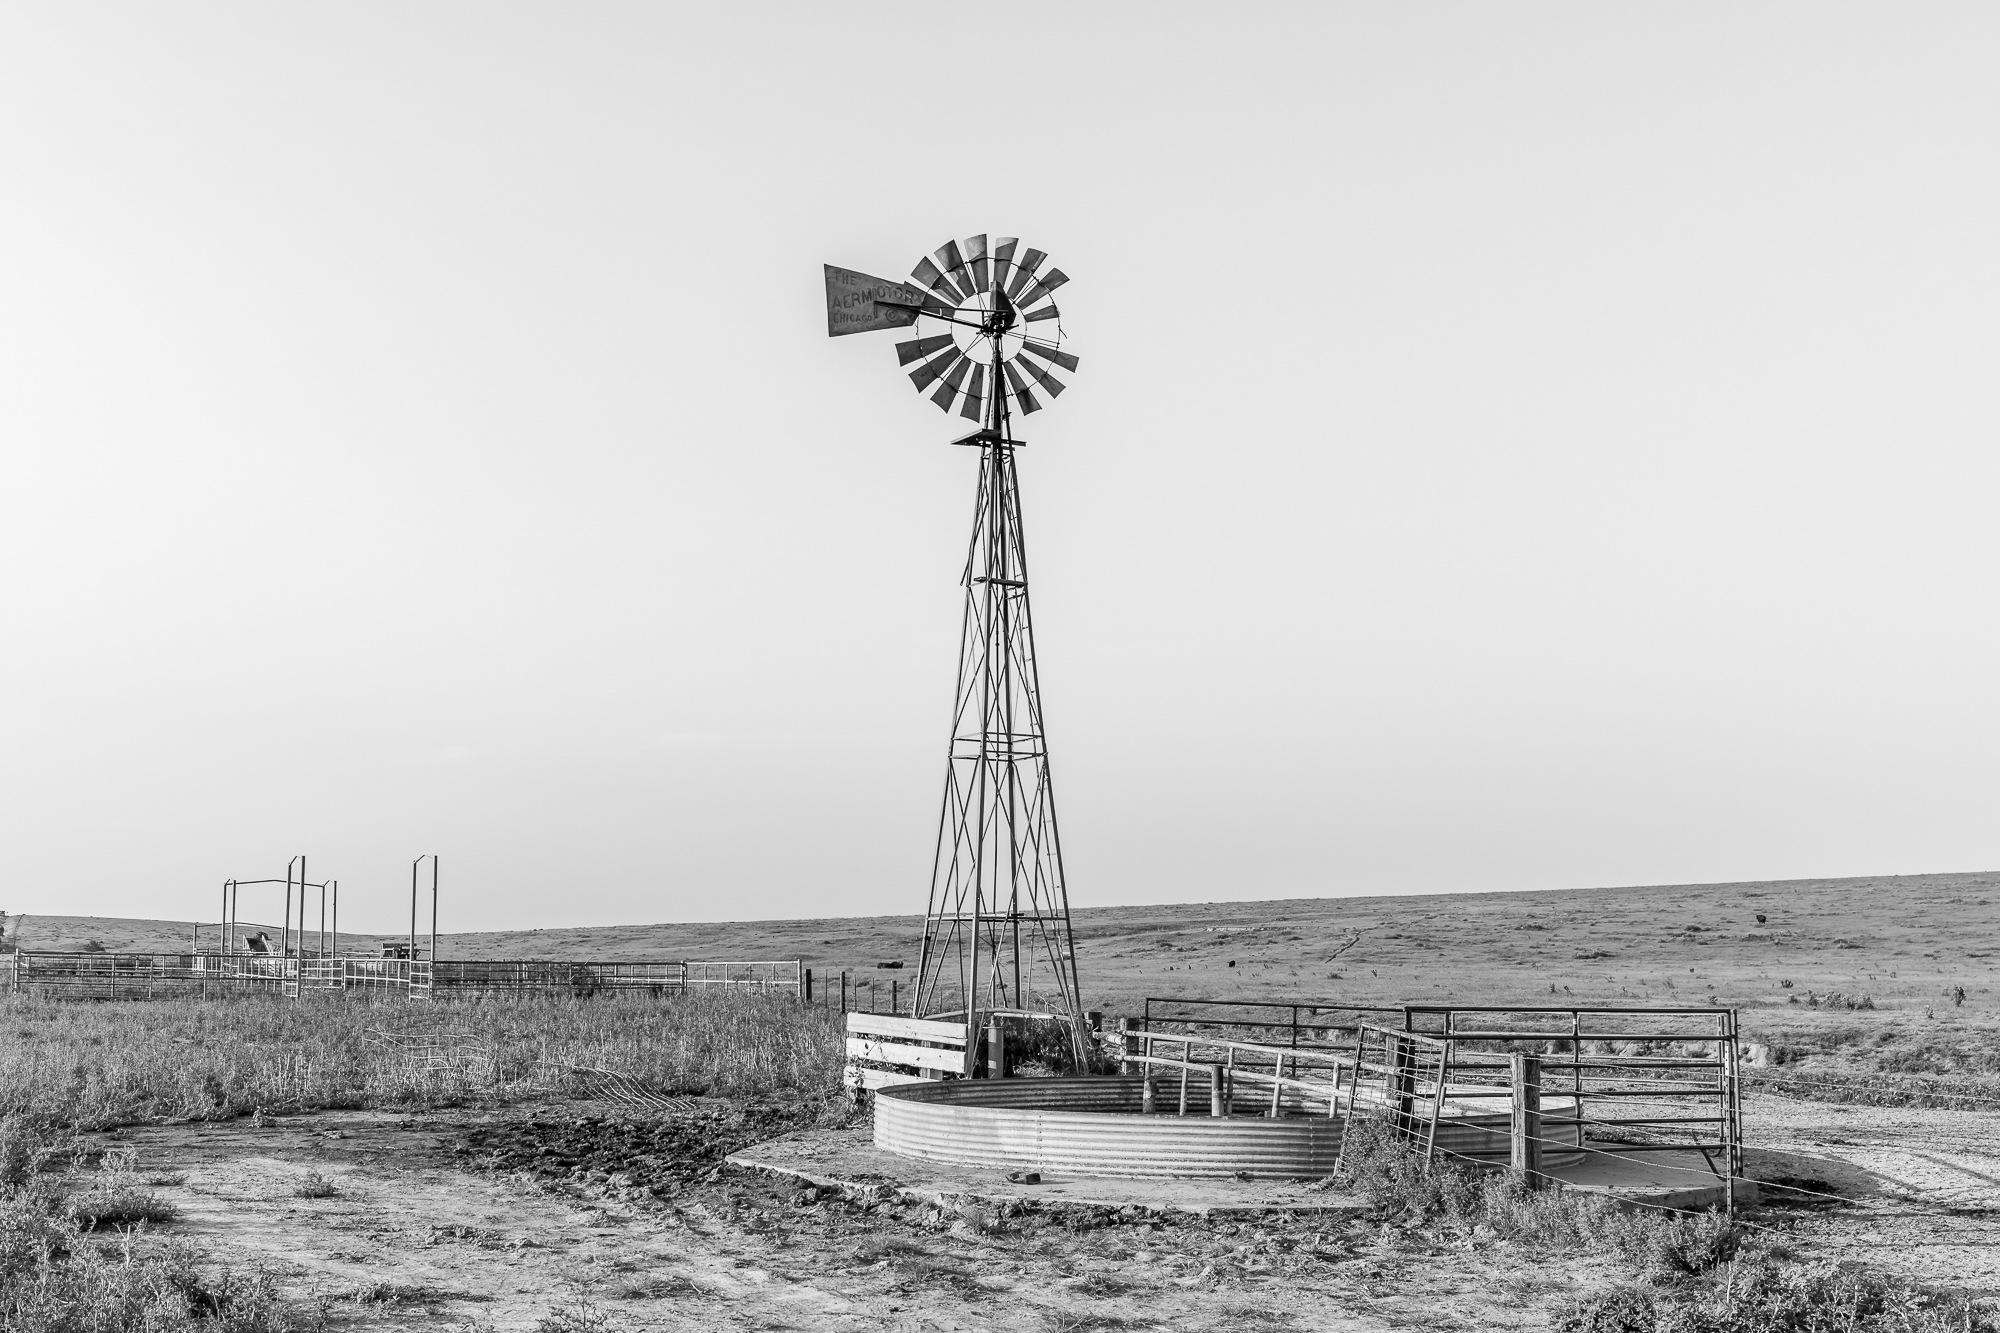 23 Windmill BW by Jim Talbert